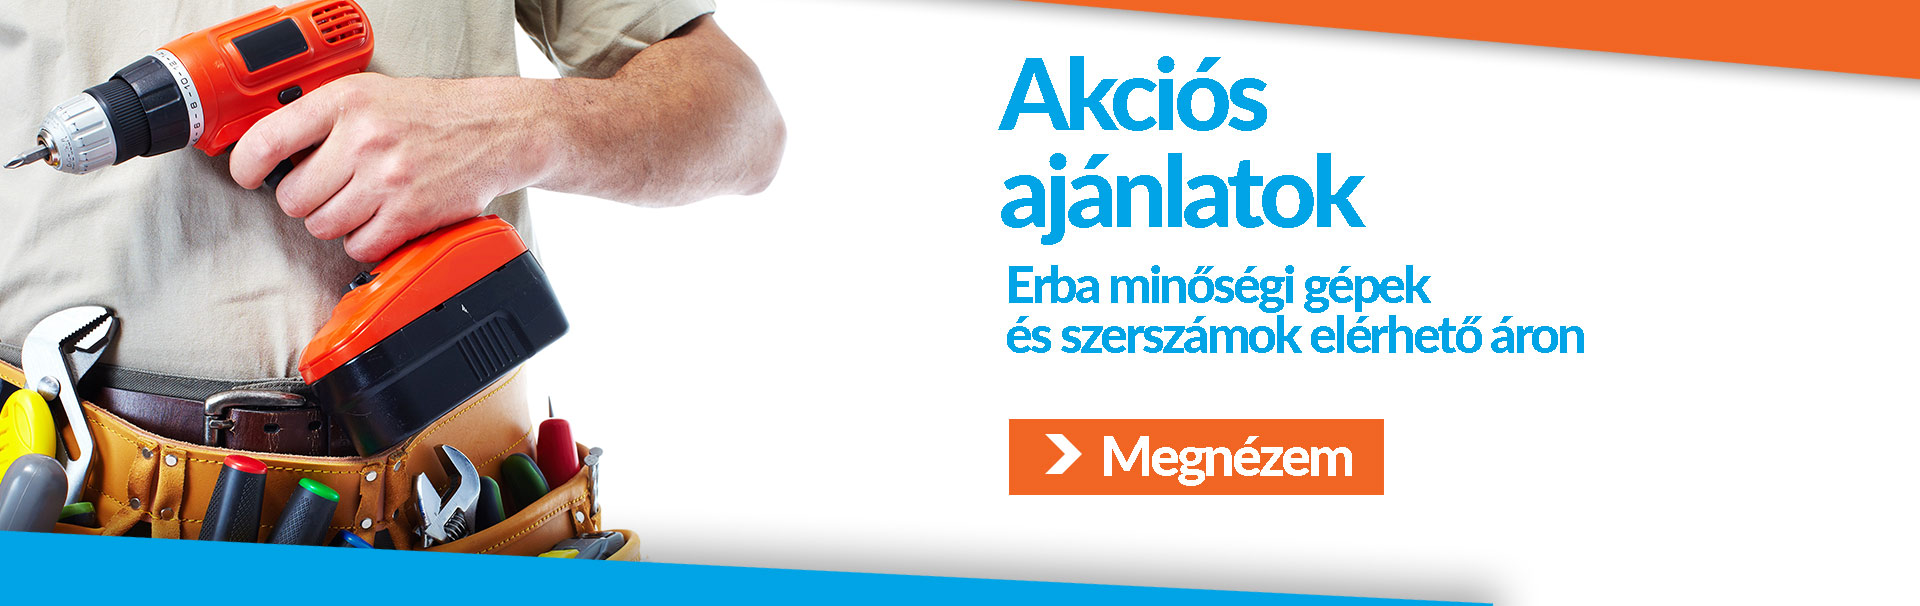 erba akcio_diy